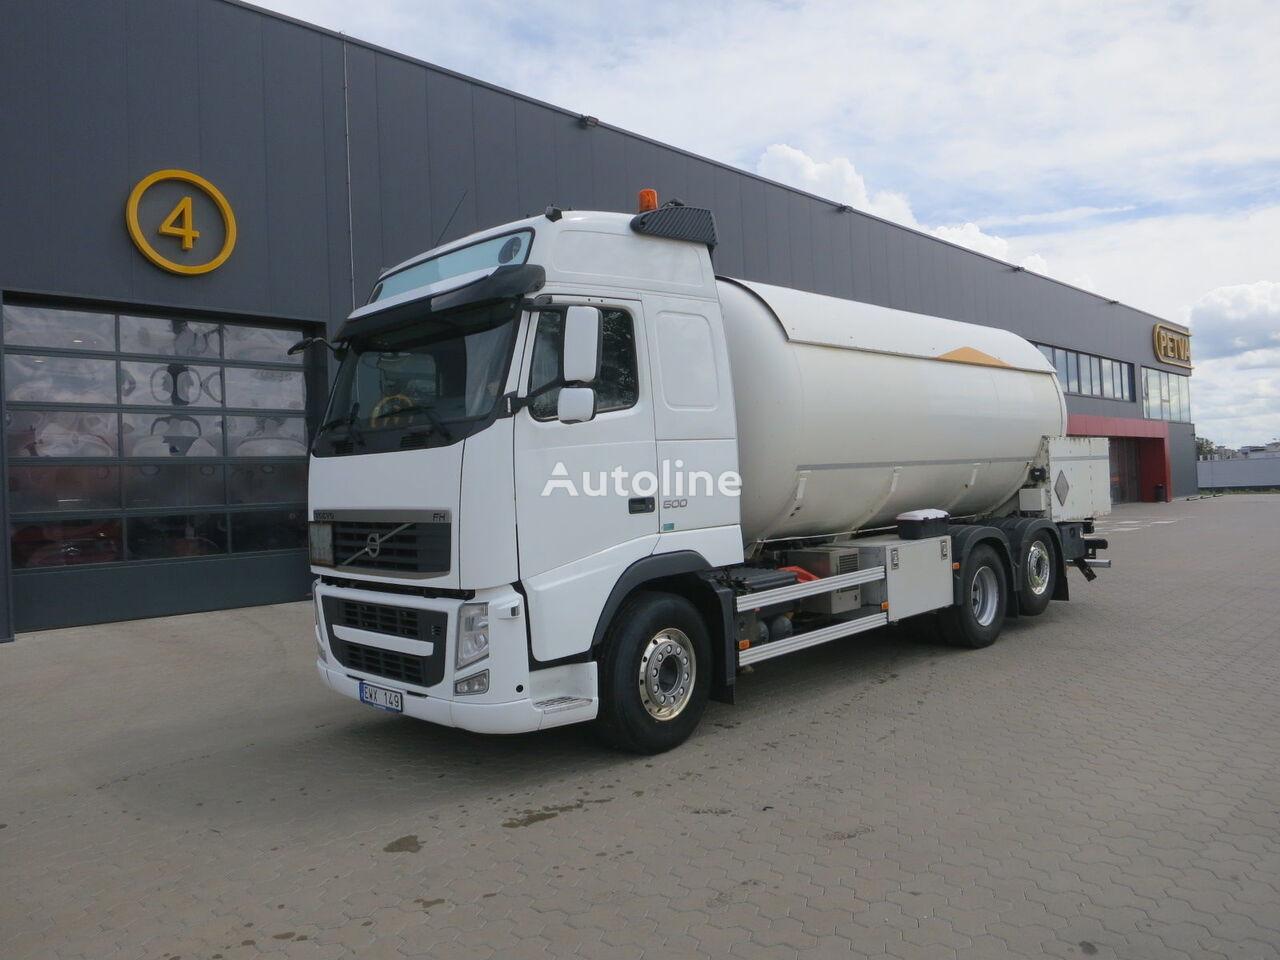 VOLVO FH 13.500, 26 000 liter. ADR gas truck